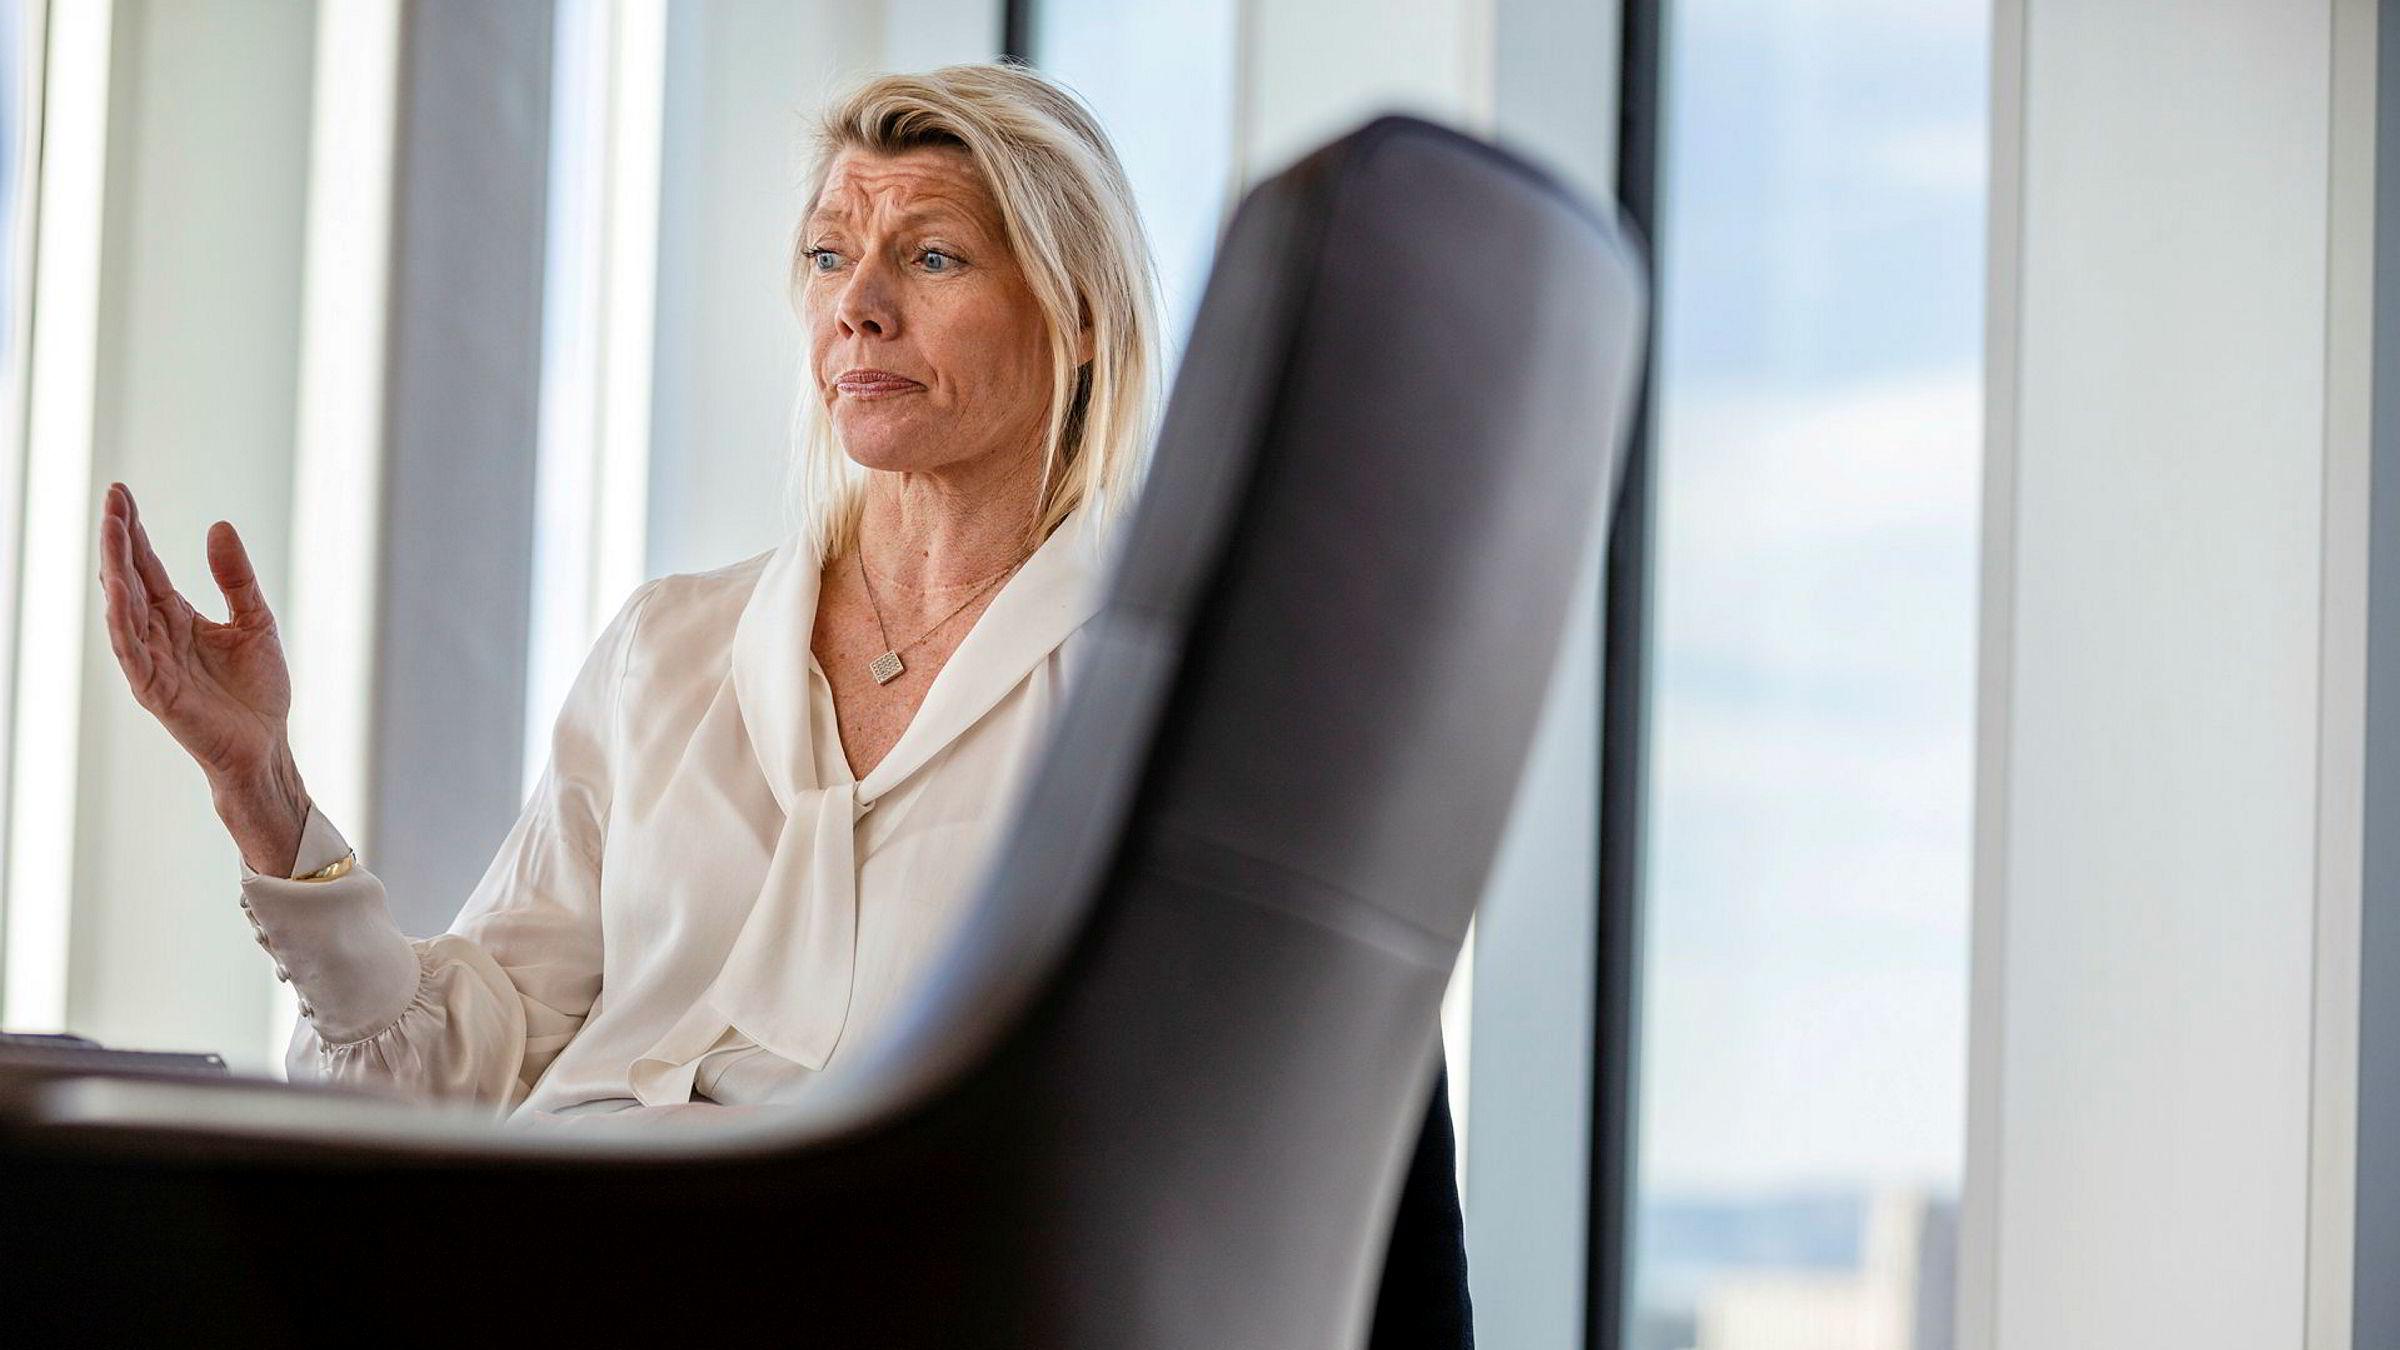 DNBs konsernsjef Kjerstin Braathen mener det er naturlig at andelen tapsutsatte lån øker i en tid som nå. Her fra et møte på hovedkontoret i Bjørvika i Oslo mars i år.